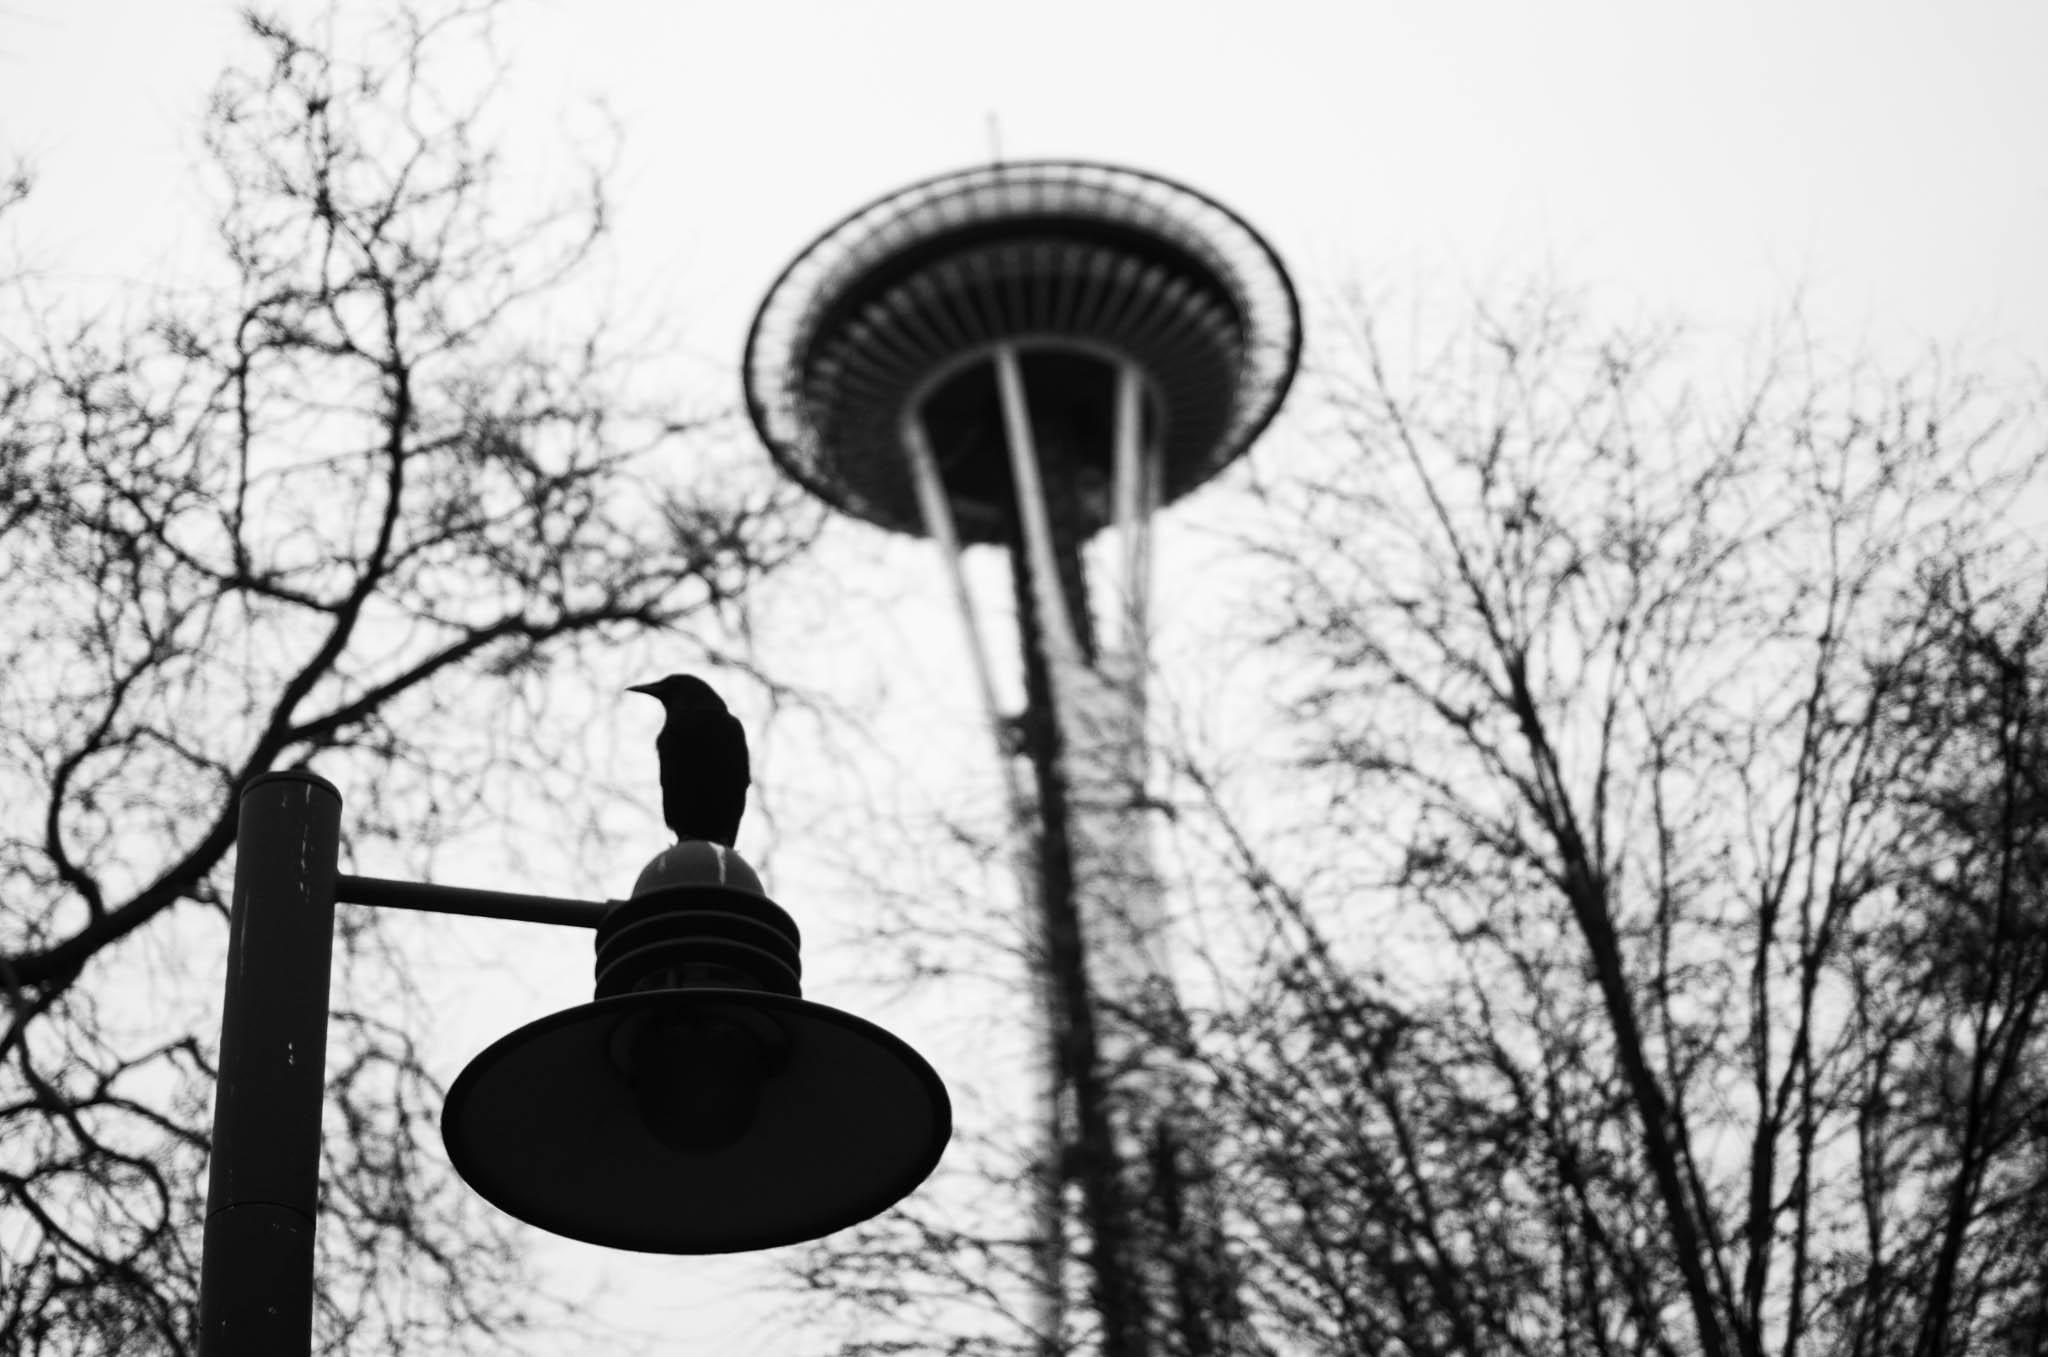 Seattle_20131215_K5_24944_©2013ArgunTekant.jpg